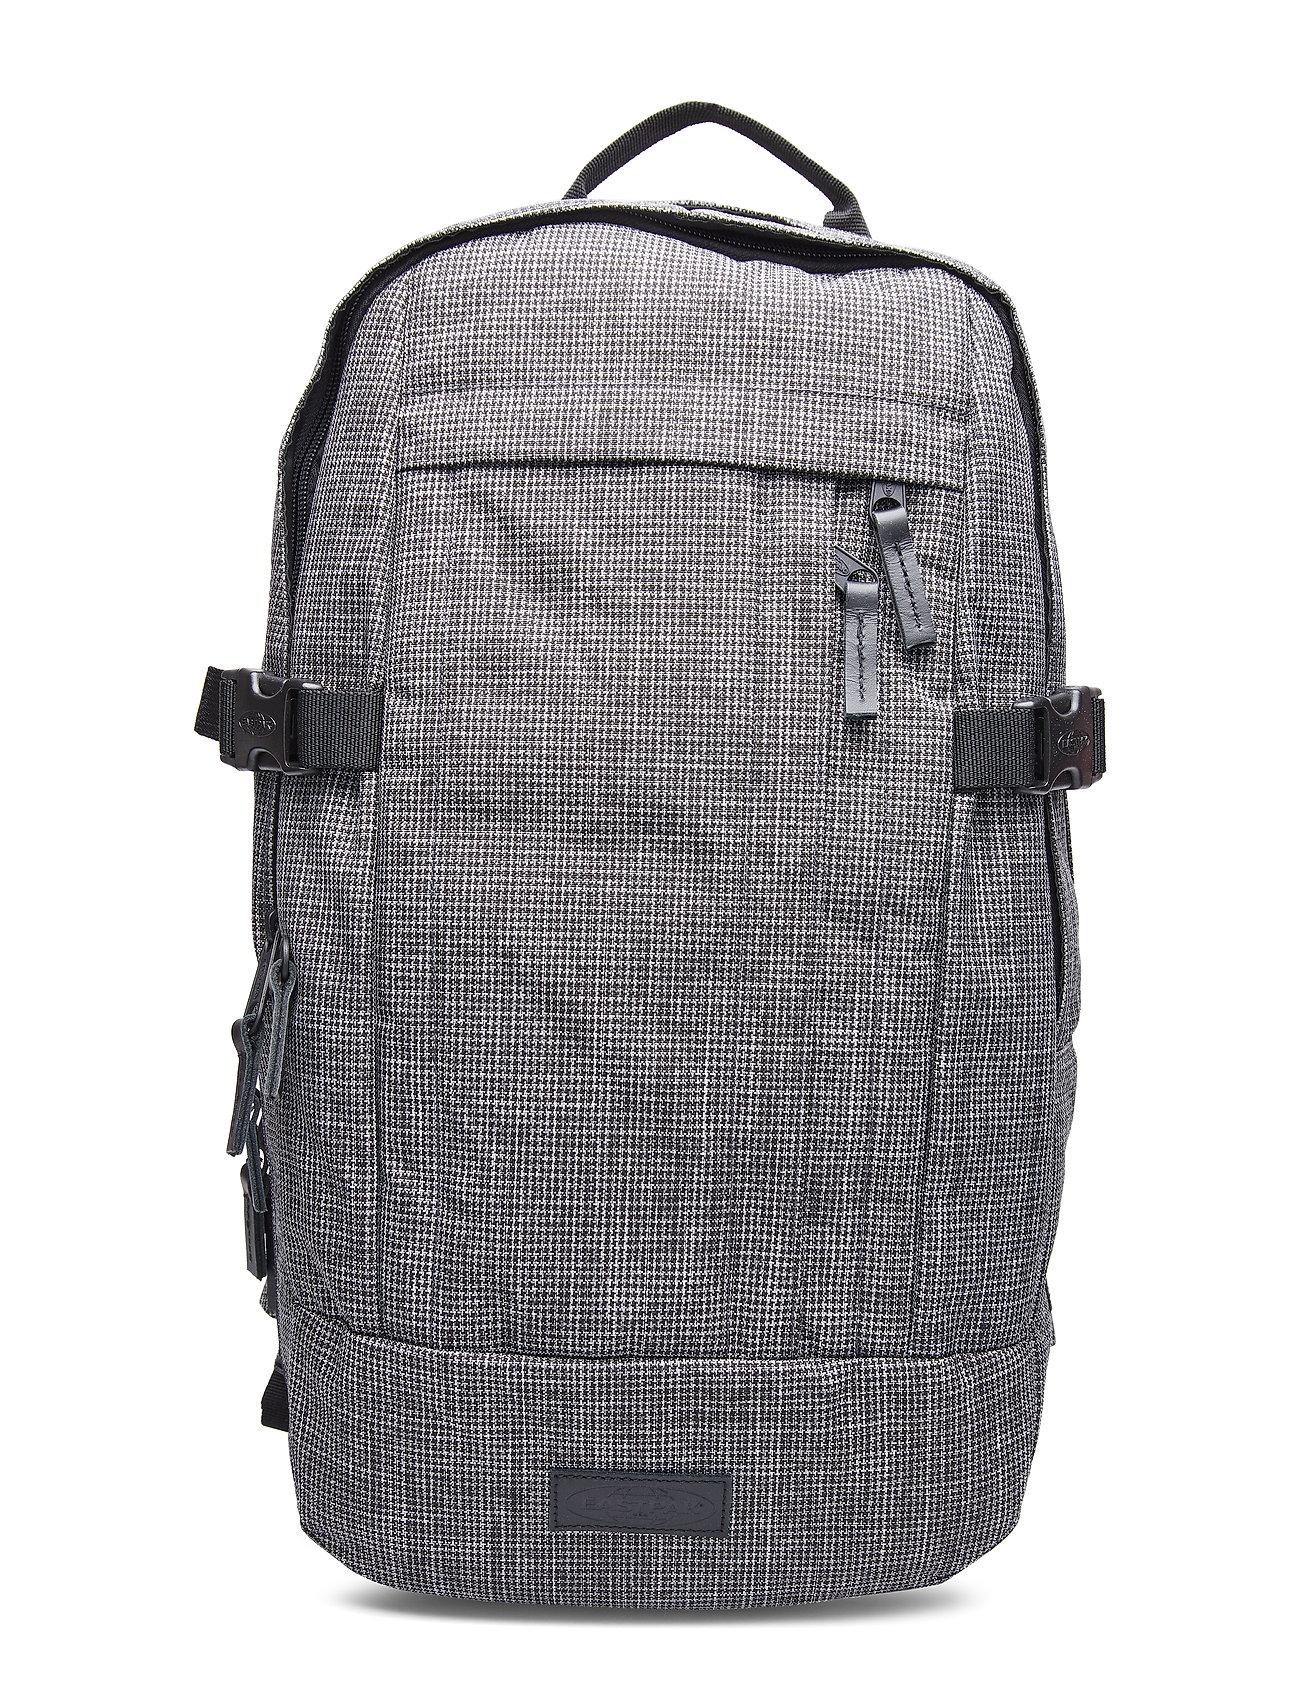 EASTPAK Extrafloid Rucksack Tasche Grau EASTPAK